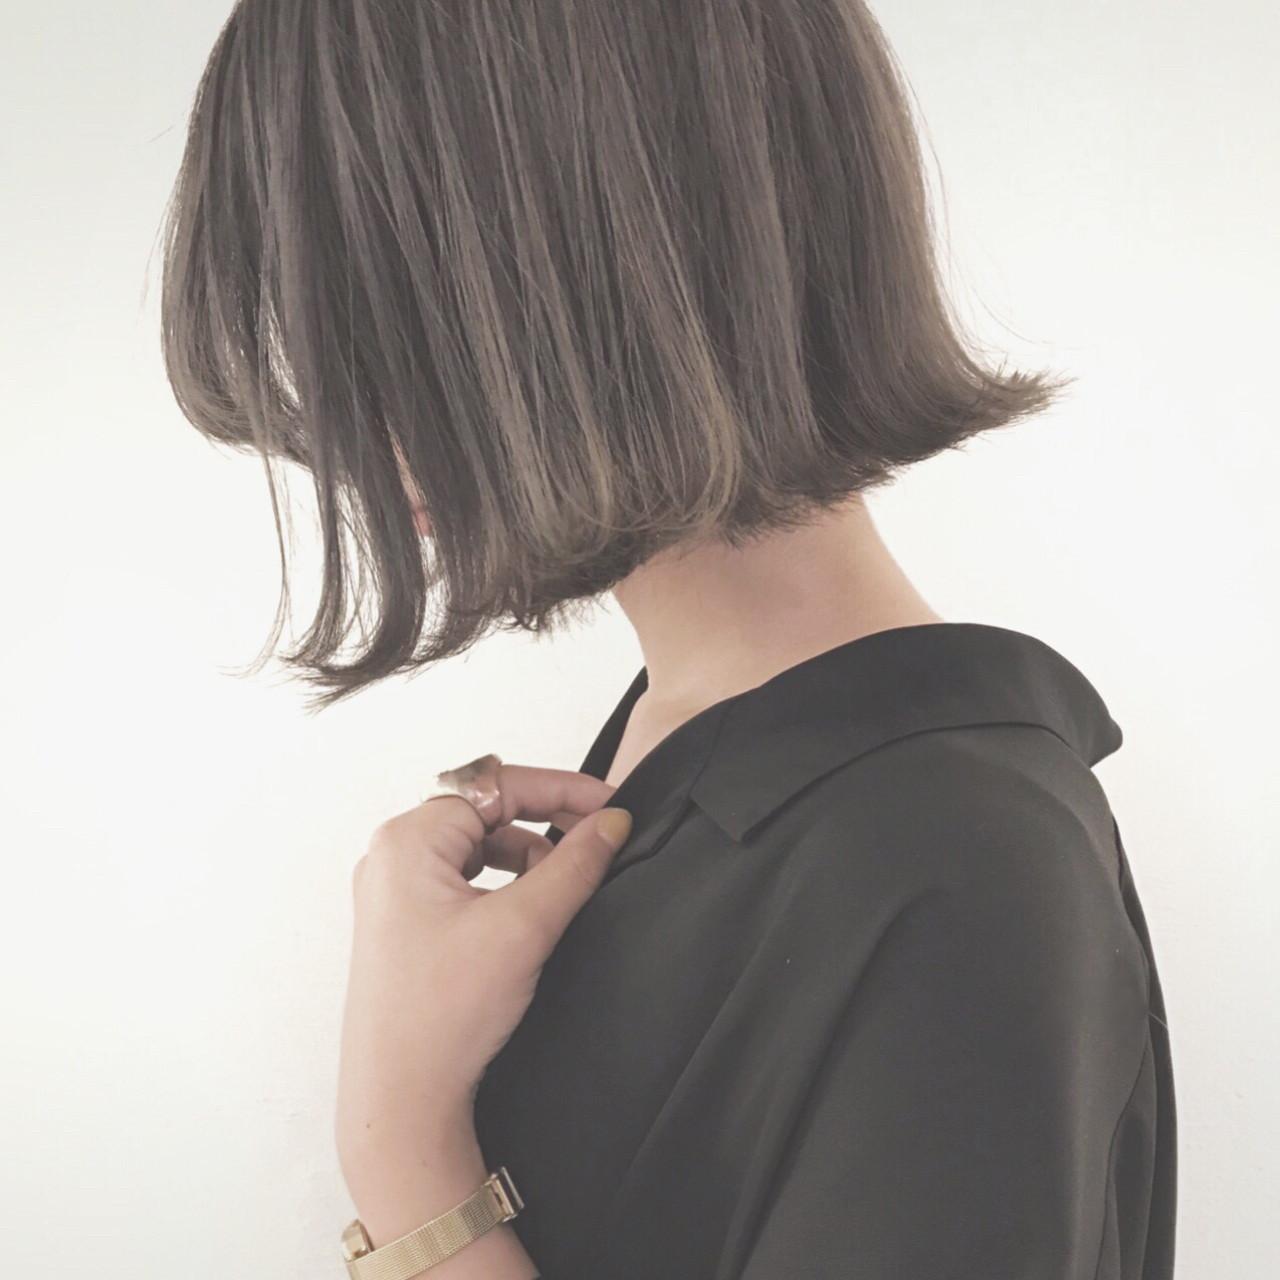 ボブ 外国人風カラー ナチュラル 黒髪 ヘアスタイルや髪型の写真・画像 | 津村正和/大阪心斎橋 / freelance